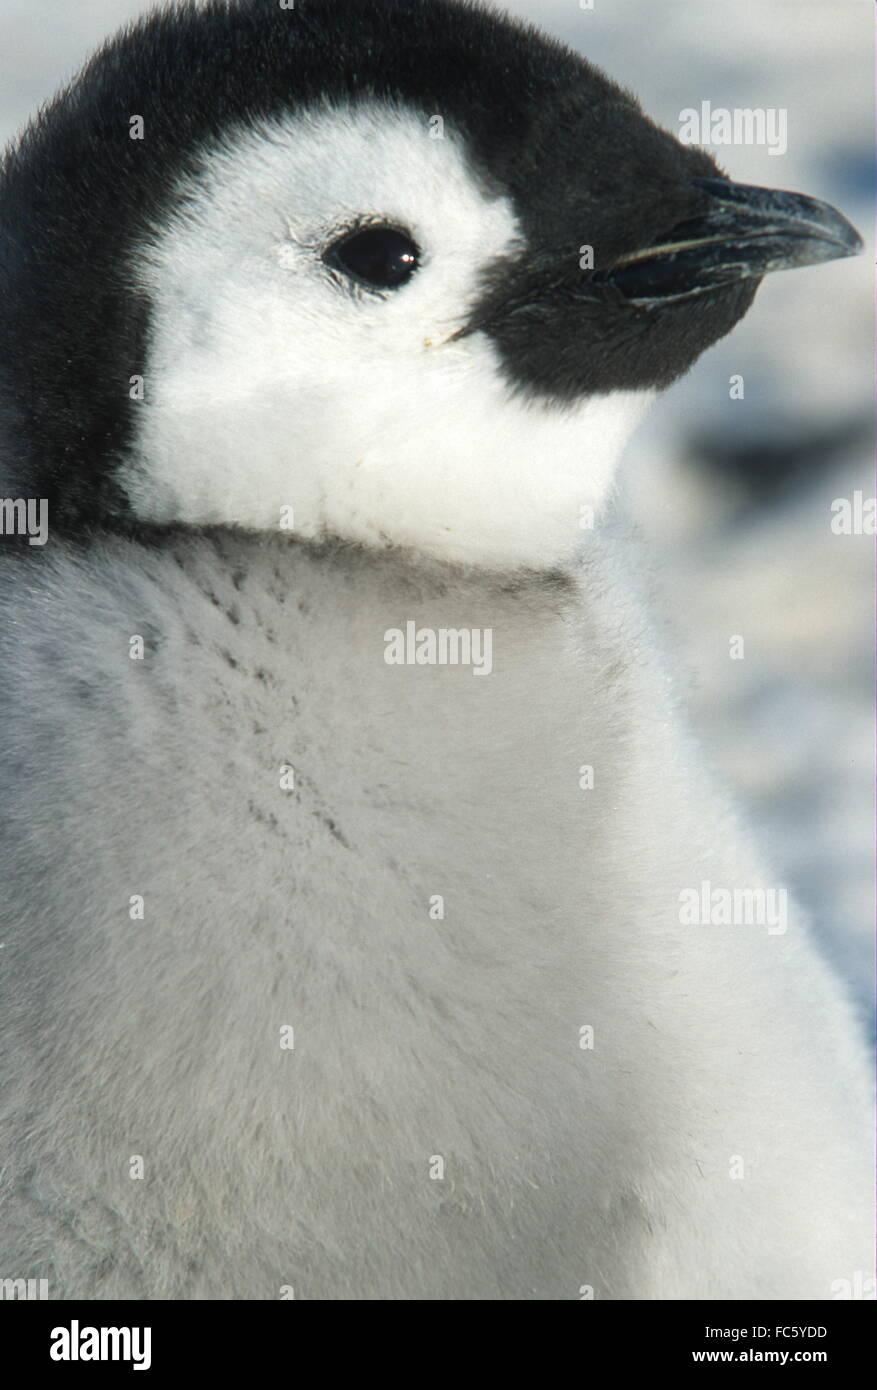 Emperor Penguin Chick head shot and profile view. Chick in juvenile plummage. Location Dawson Lambton Glacier area - Stock Image